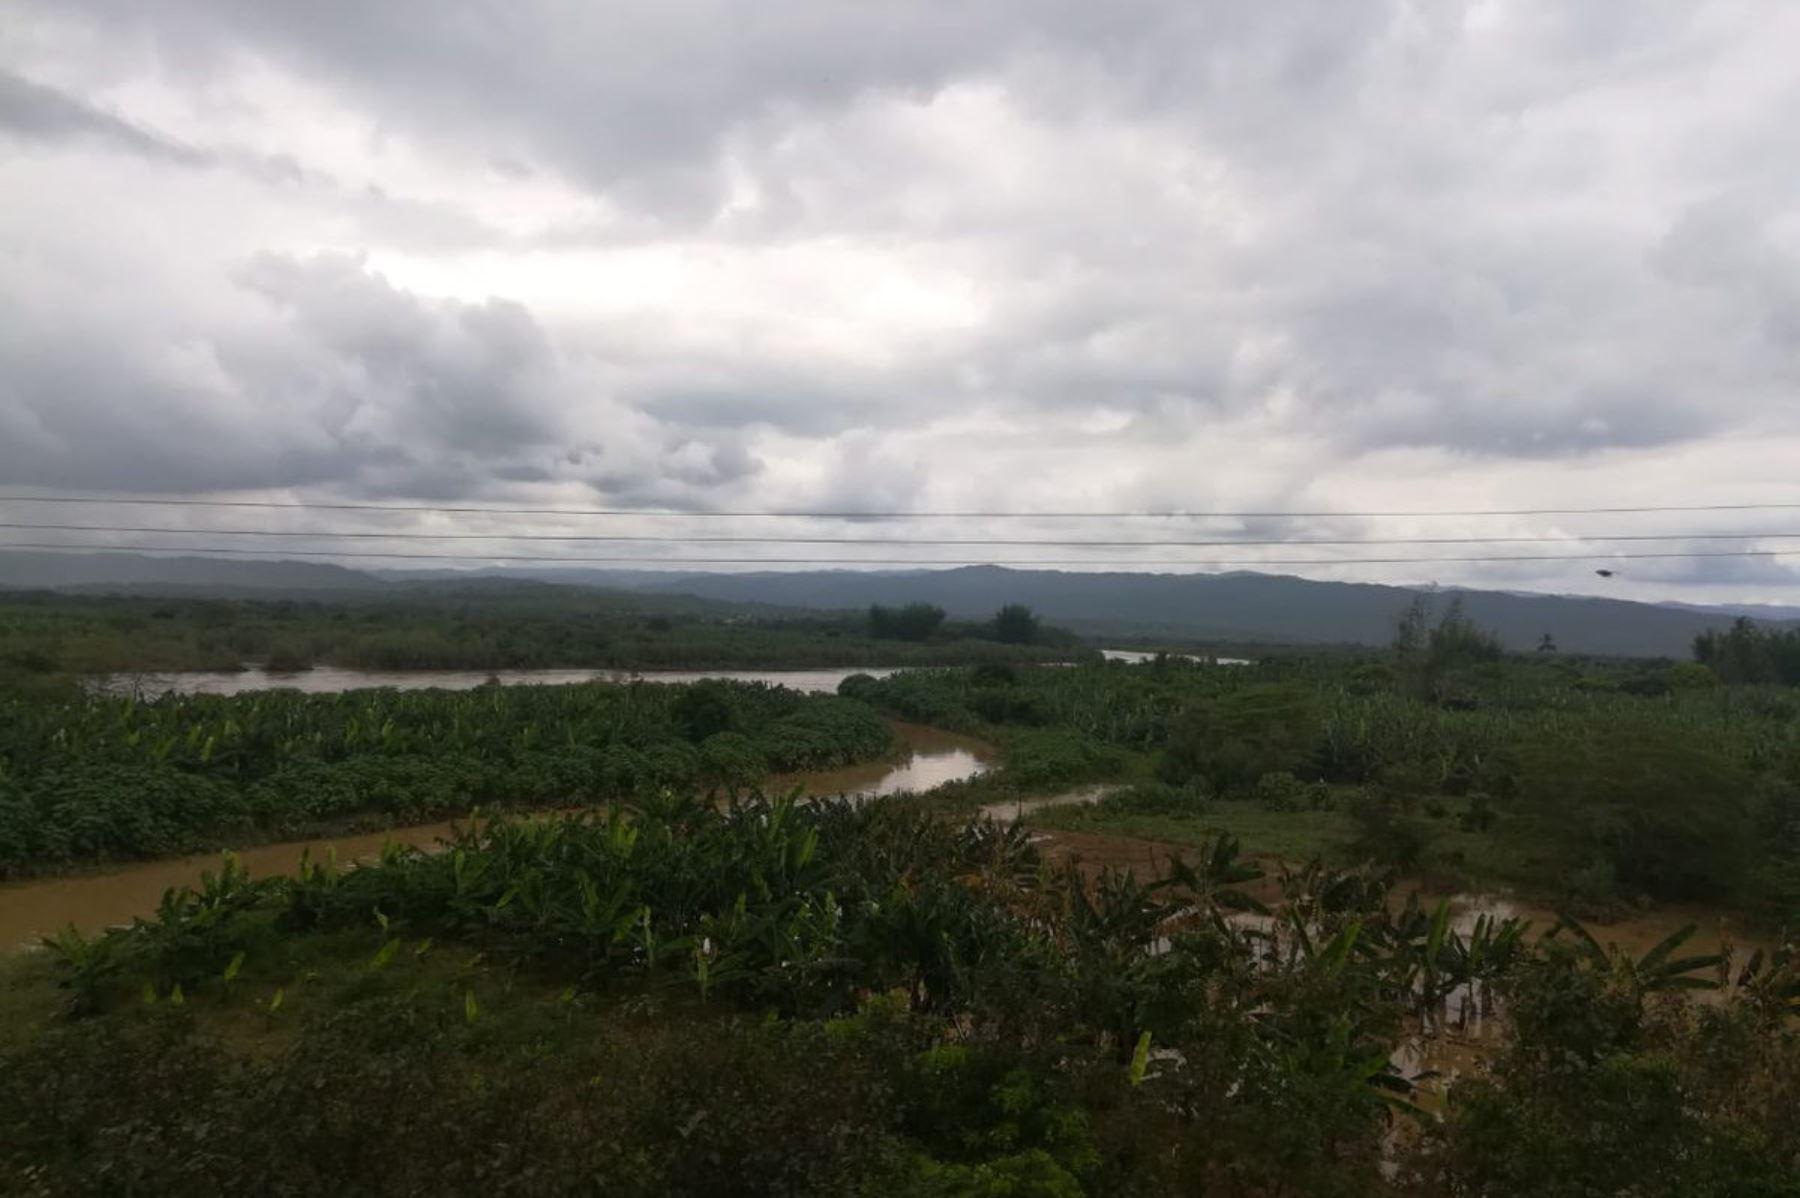 Lluvias de moderada a fuerte intensidad se registrarán en 37 provincias de la costa y sierra de los departamentos de Tumbes, Piura, Lambayeque, La Libertad y Cajamarca.